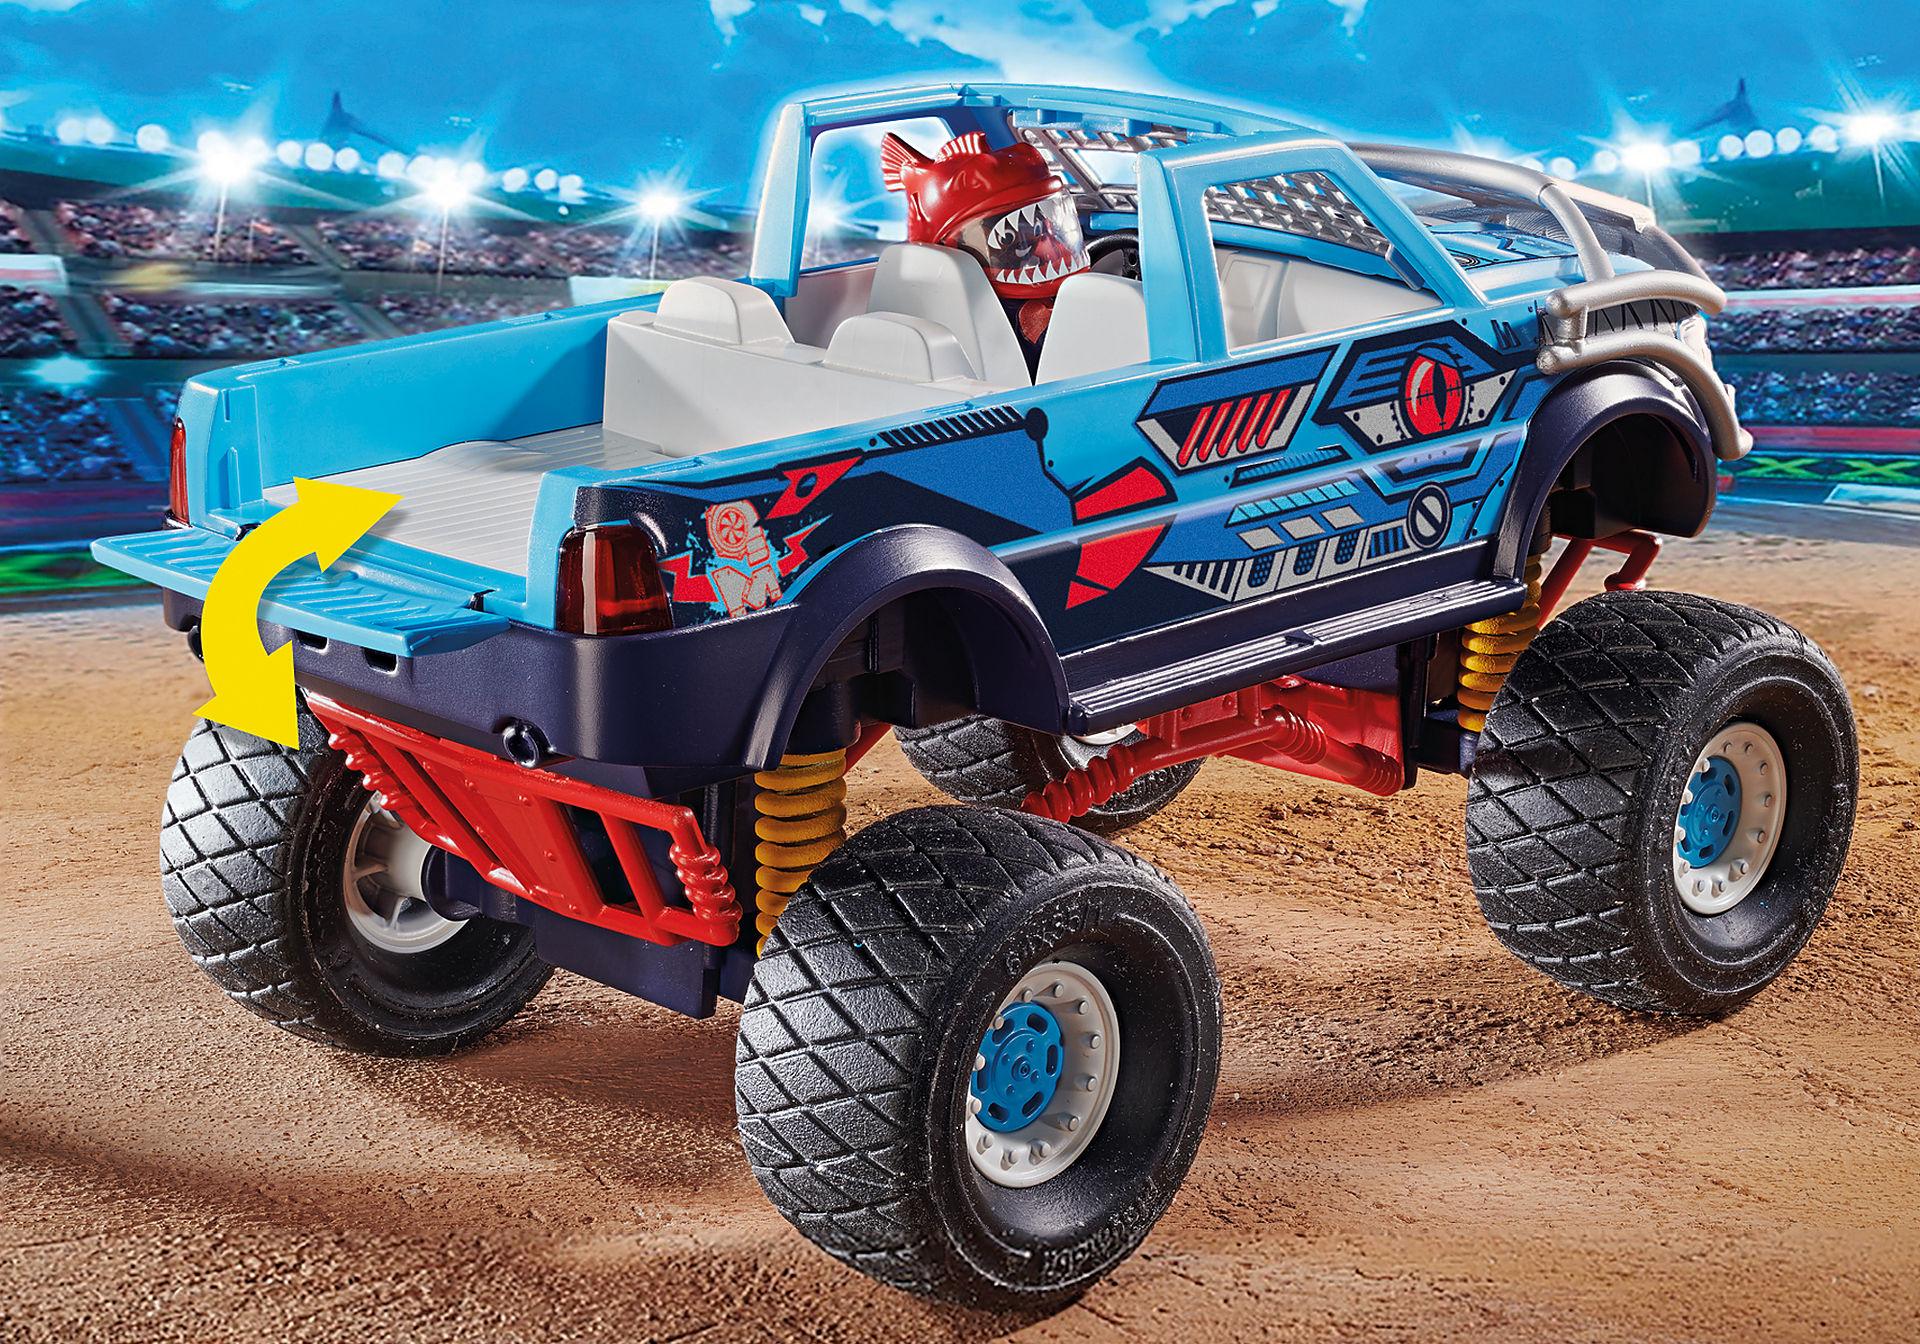 70550 Stunt Show Shark Monster Truck zoom image5